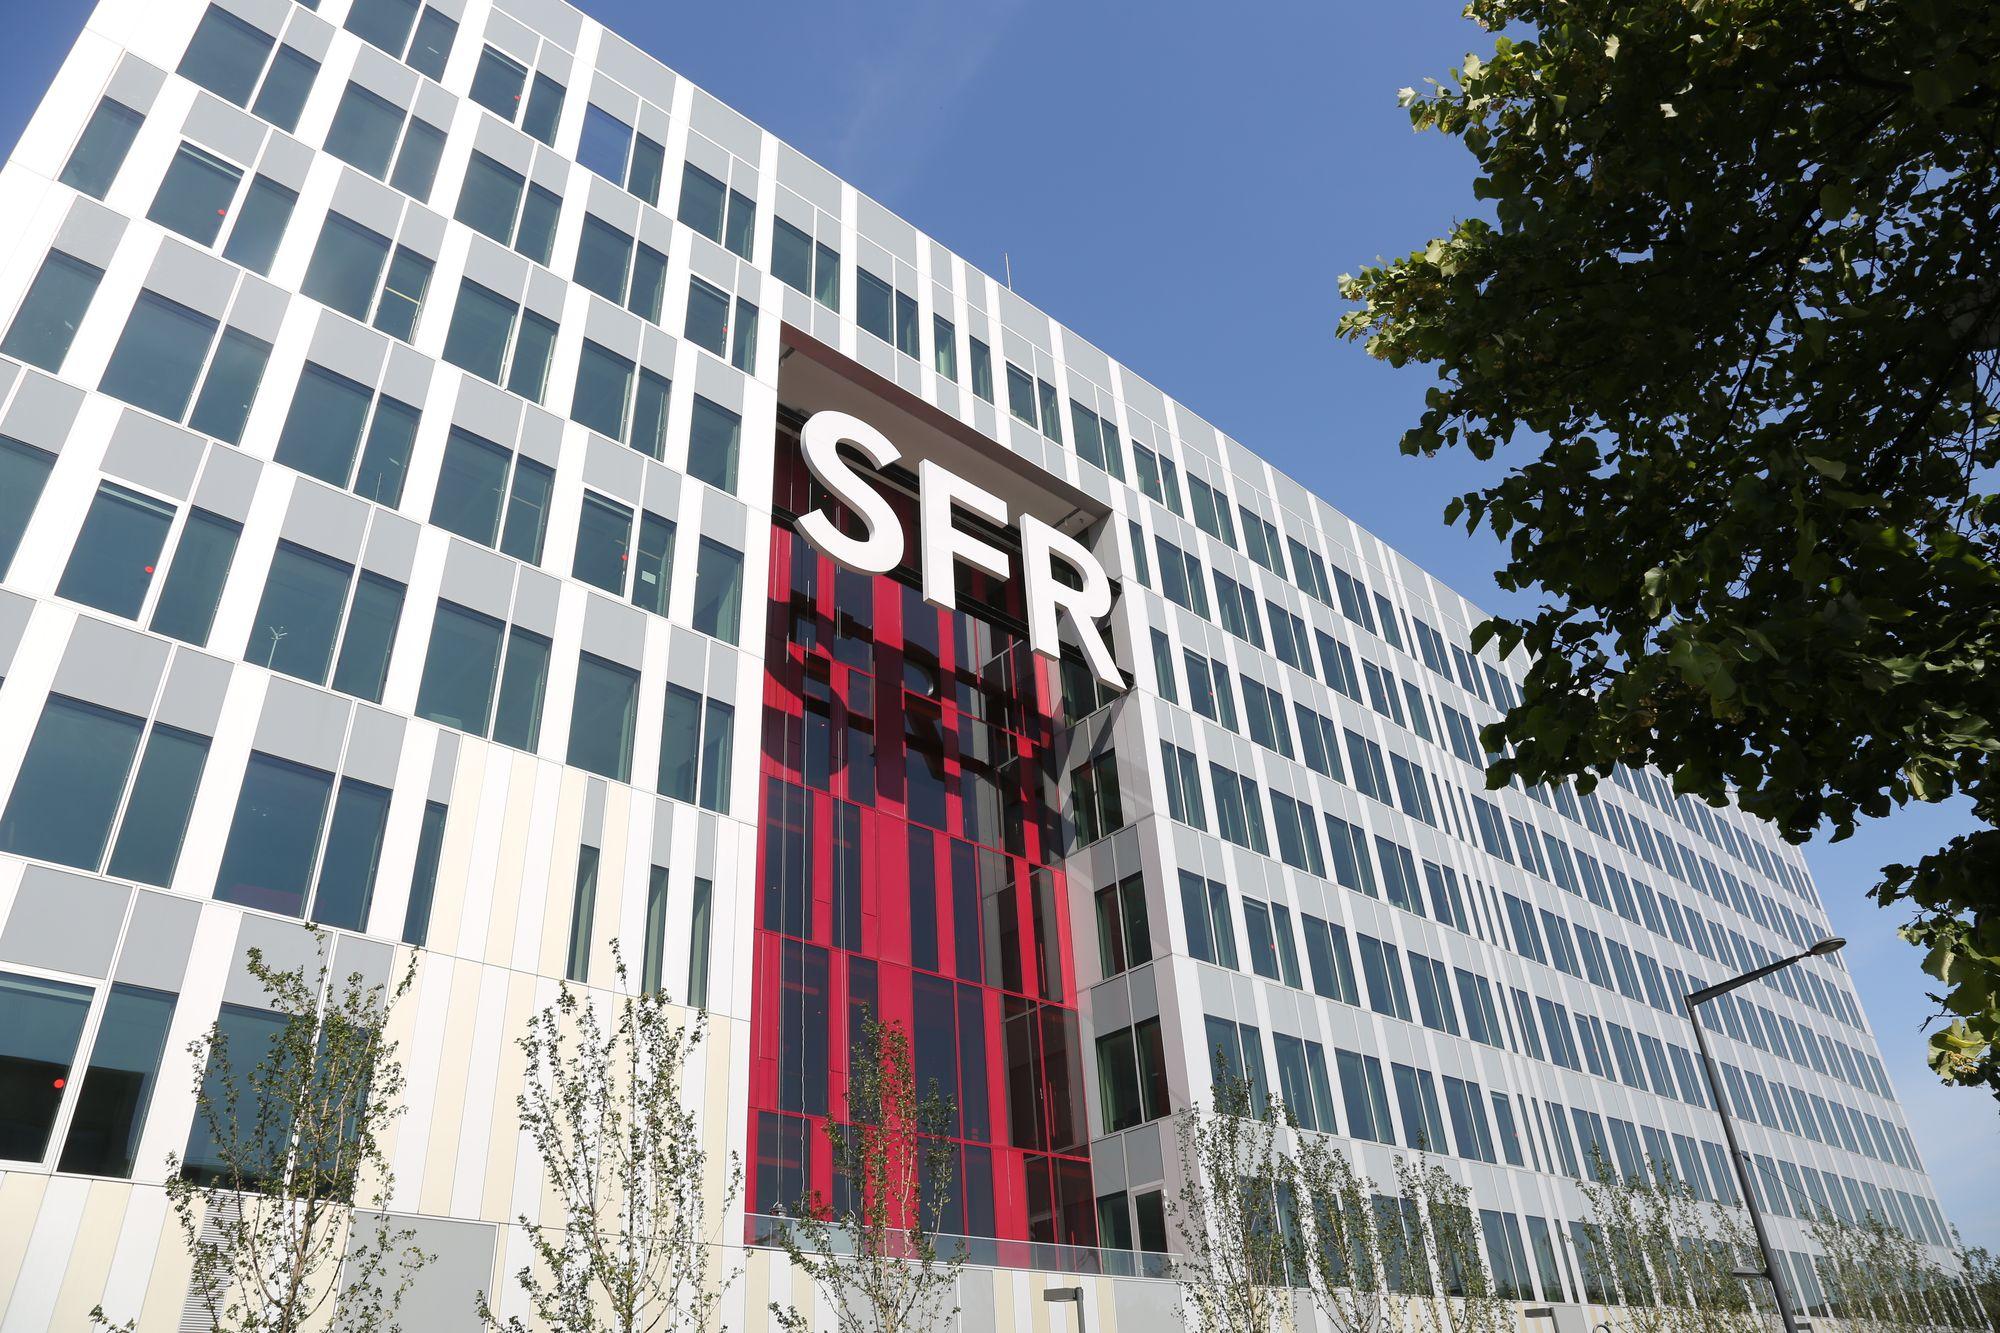 SFR est plus fort que Free et passe deuxième sur le marché mobile